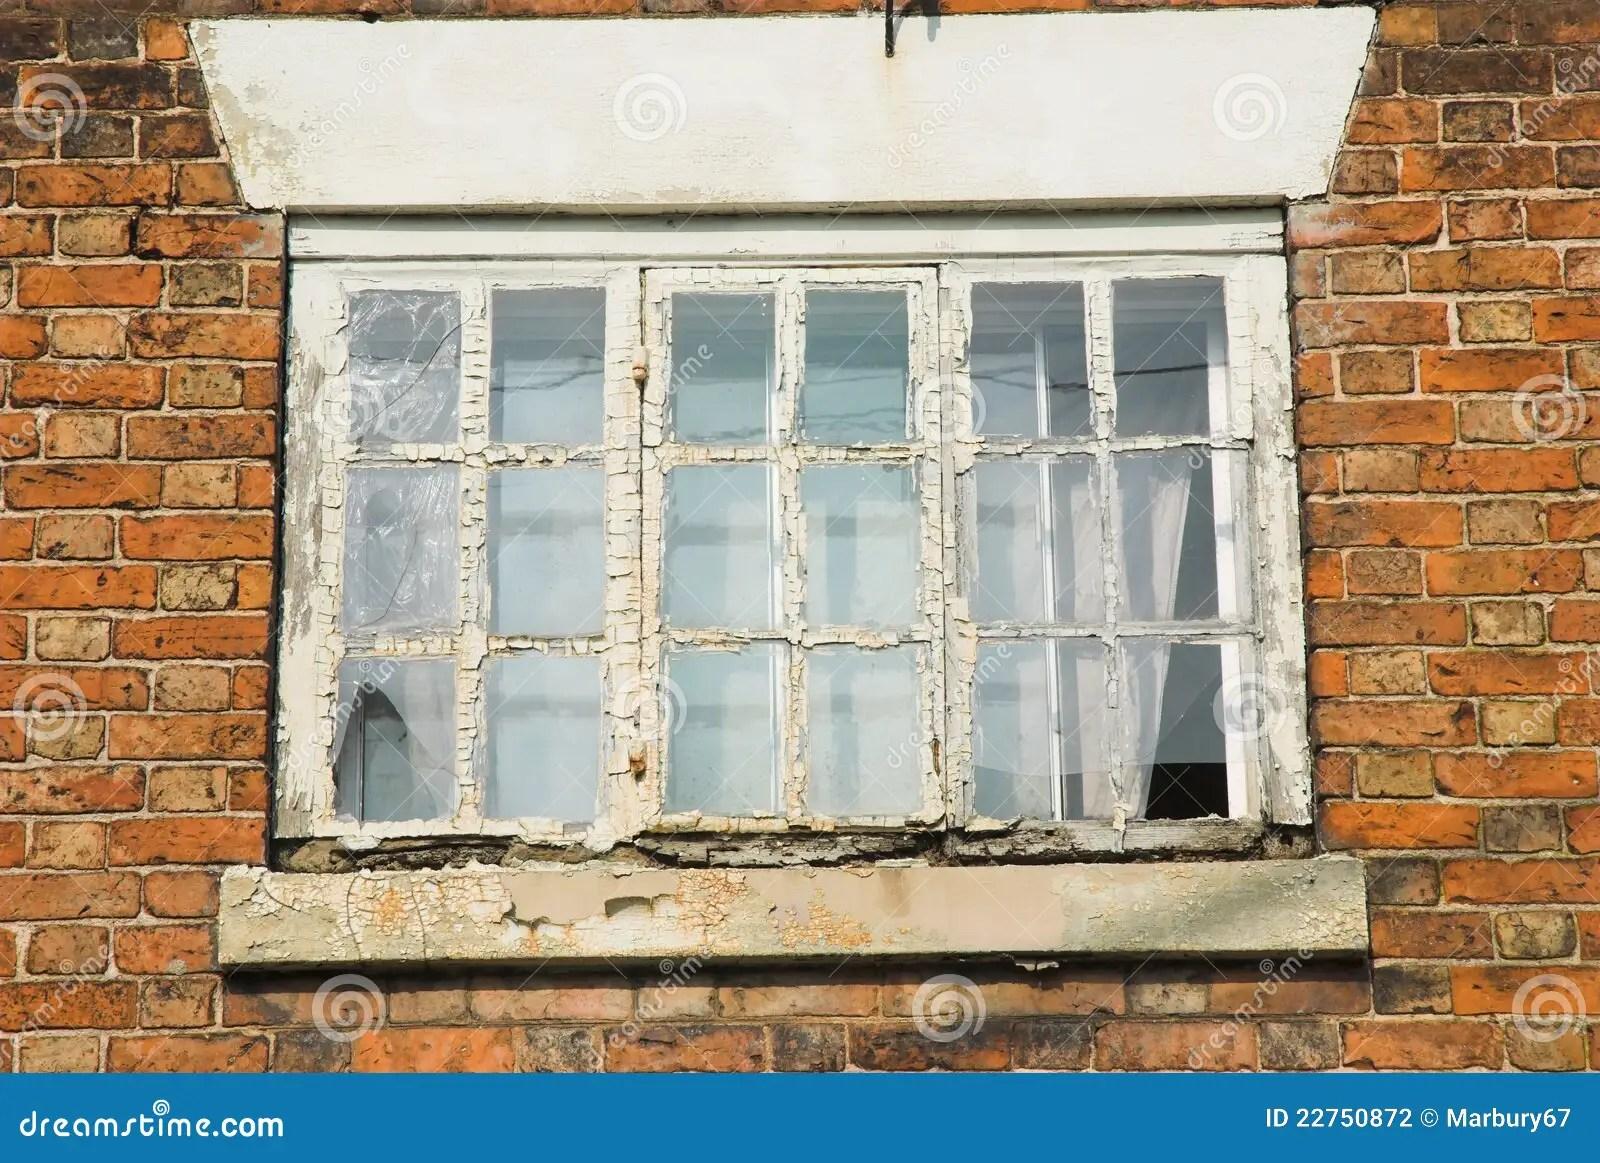 Rotten Window Frame Stock Photo Image Of Peeling Rotting